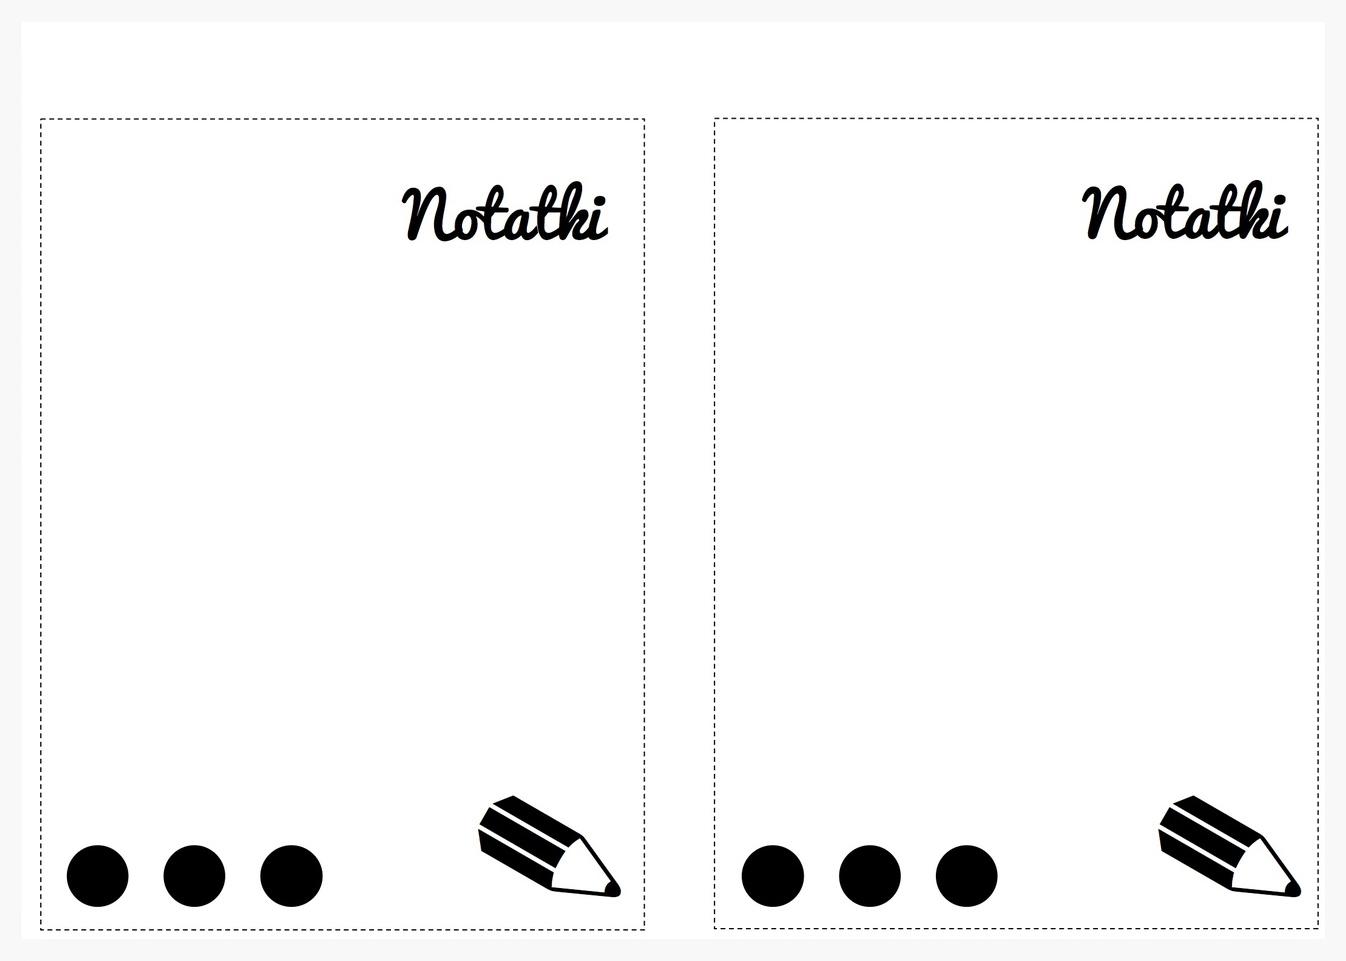 2014-11 - Notatki.jpg